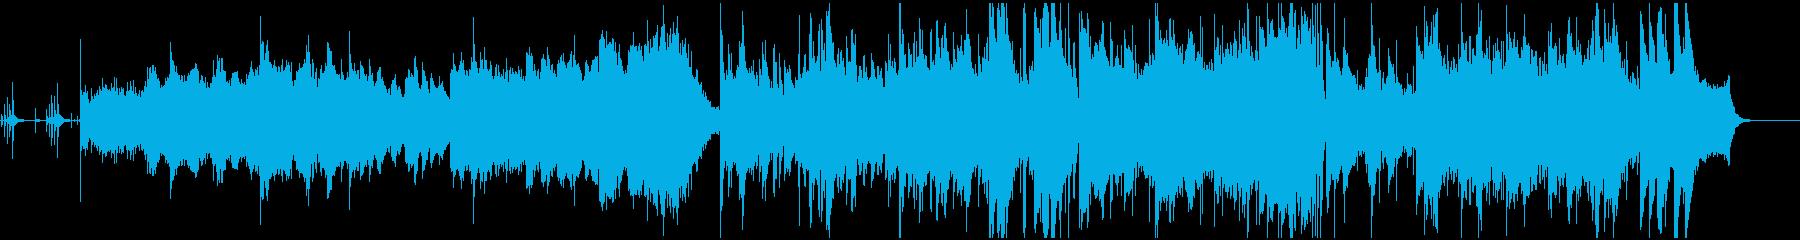 山頂をイメージしたライトフュージョンの再生済みの波形